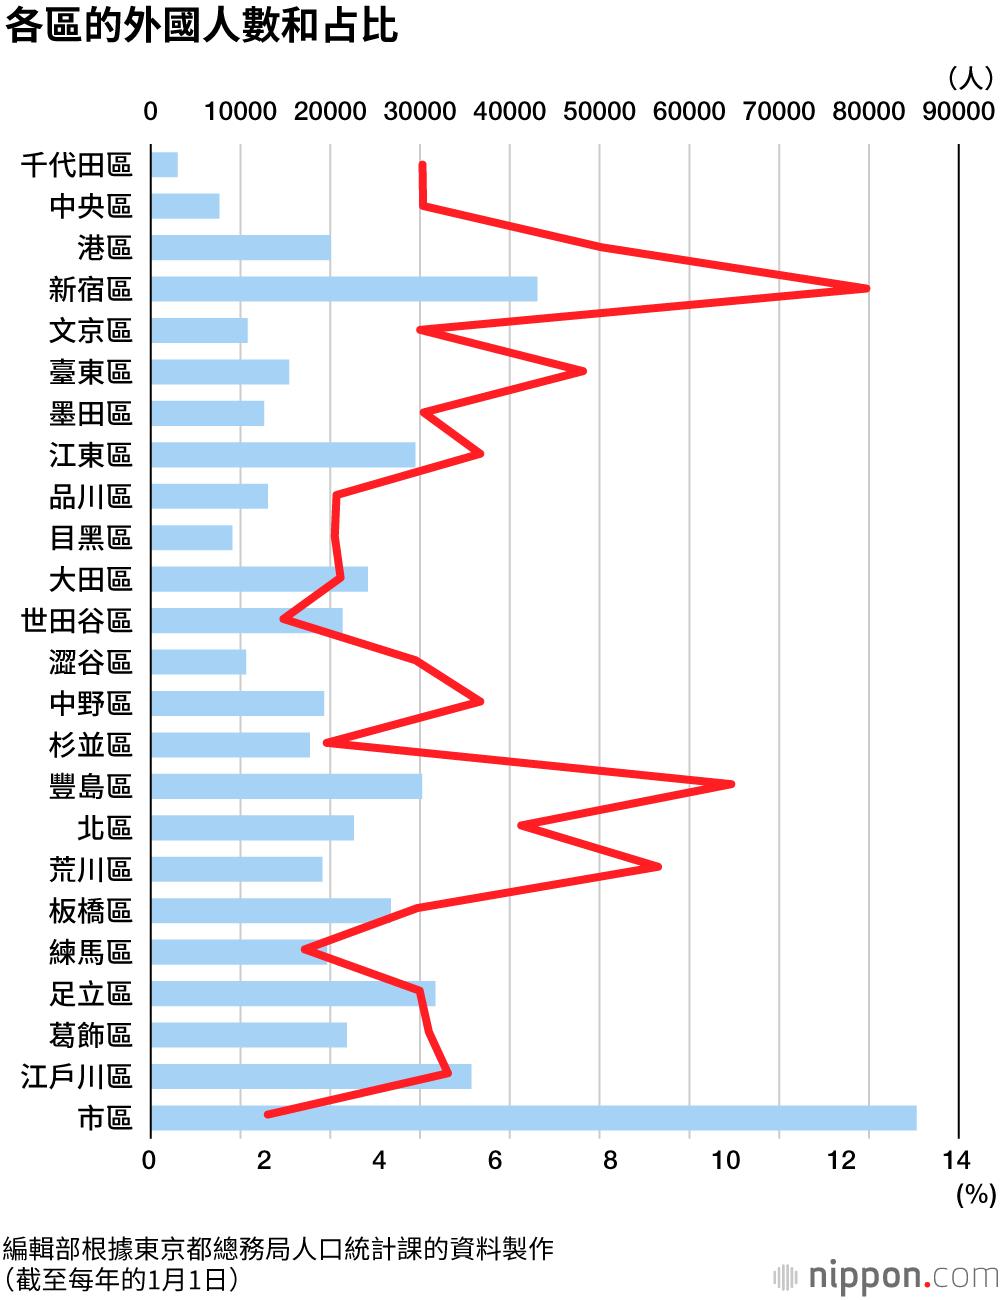 東京外國人55萬創新高。新宿區占比為12.4% | Nippon.com